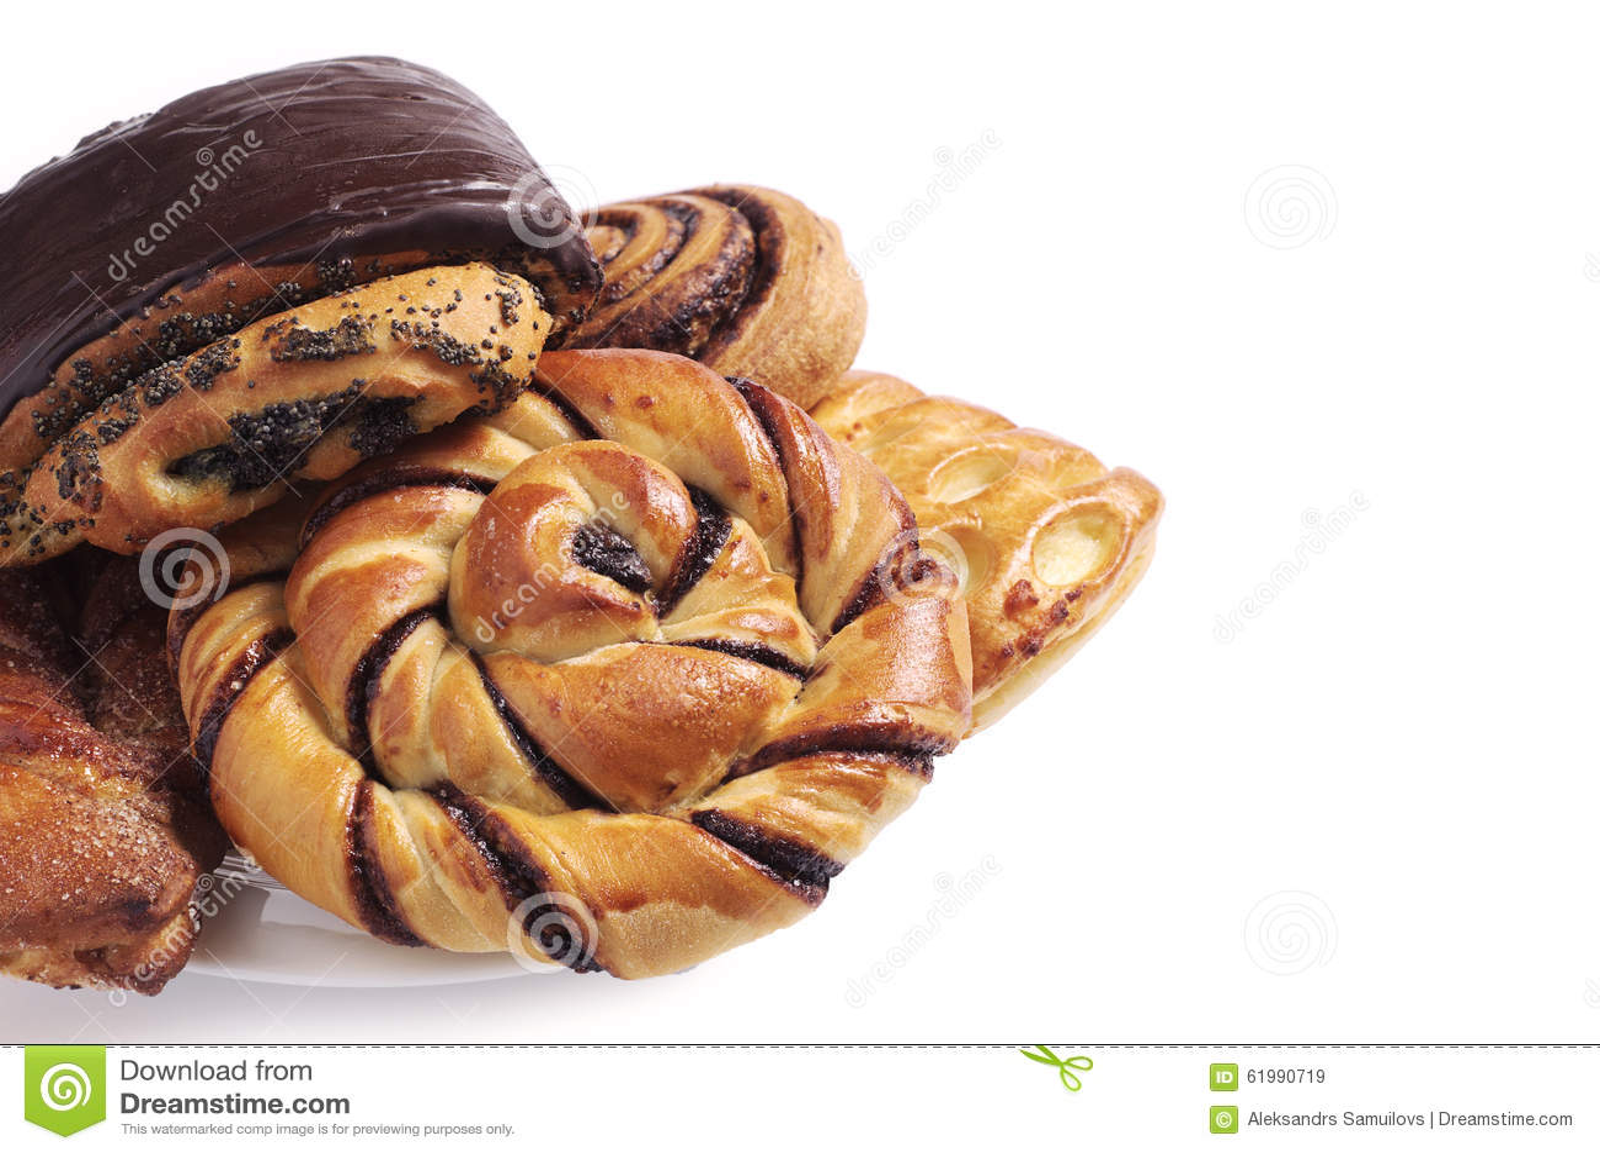 Various sweet buns